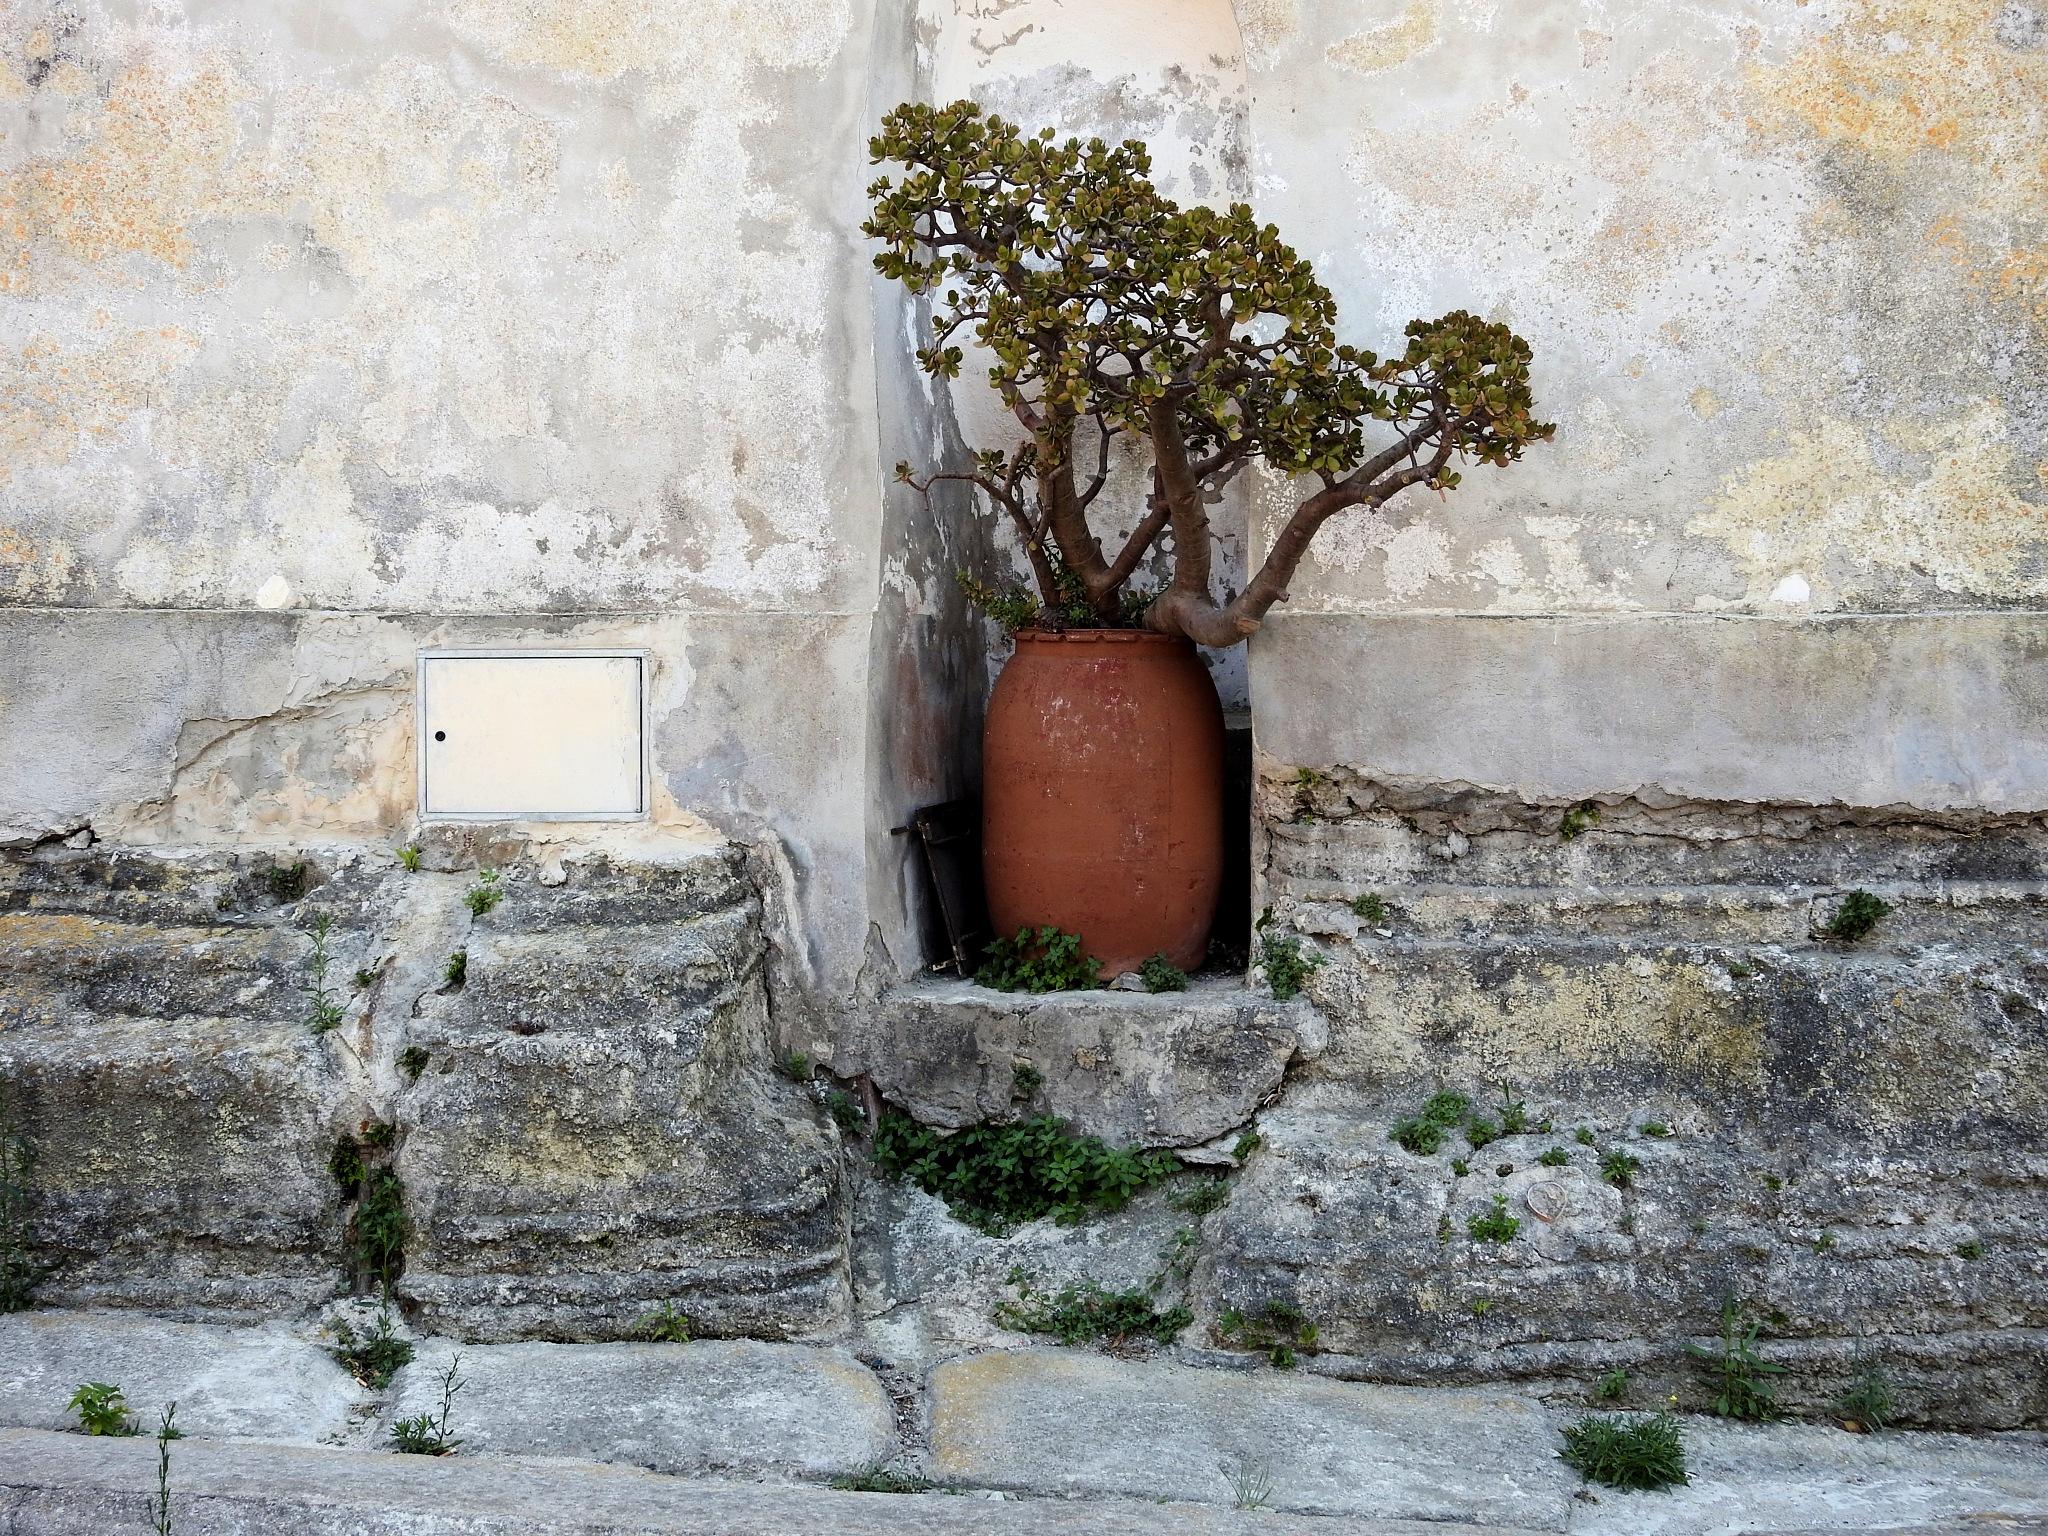 Procida - The Pot Of The Jail of Terra Murata - 2 by Arnaldo De Lisio